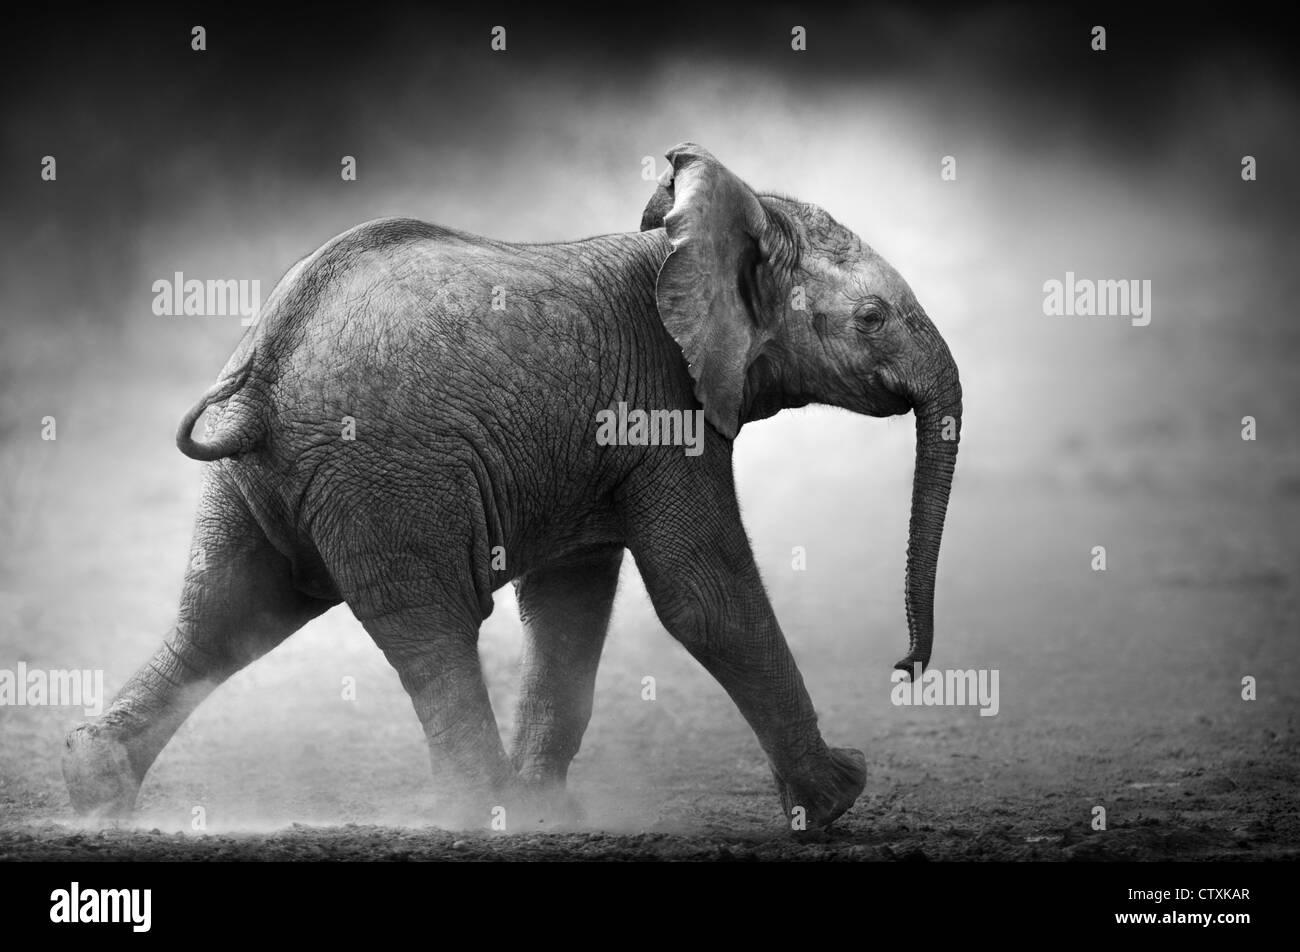 Baby Elephant in esecuzione in polvere (lavorazione artistica) Etosha National Park - Namibia Immagini Stock